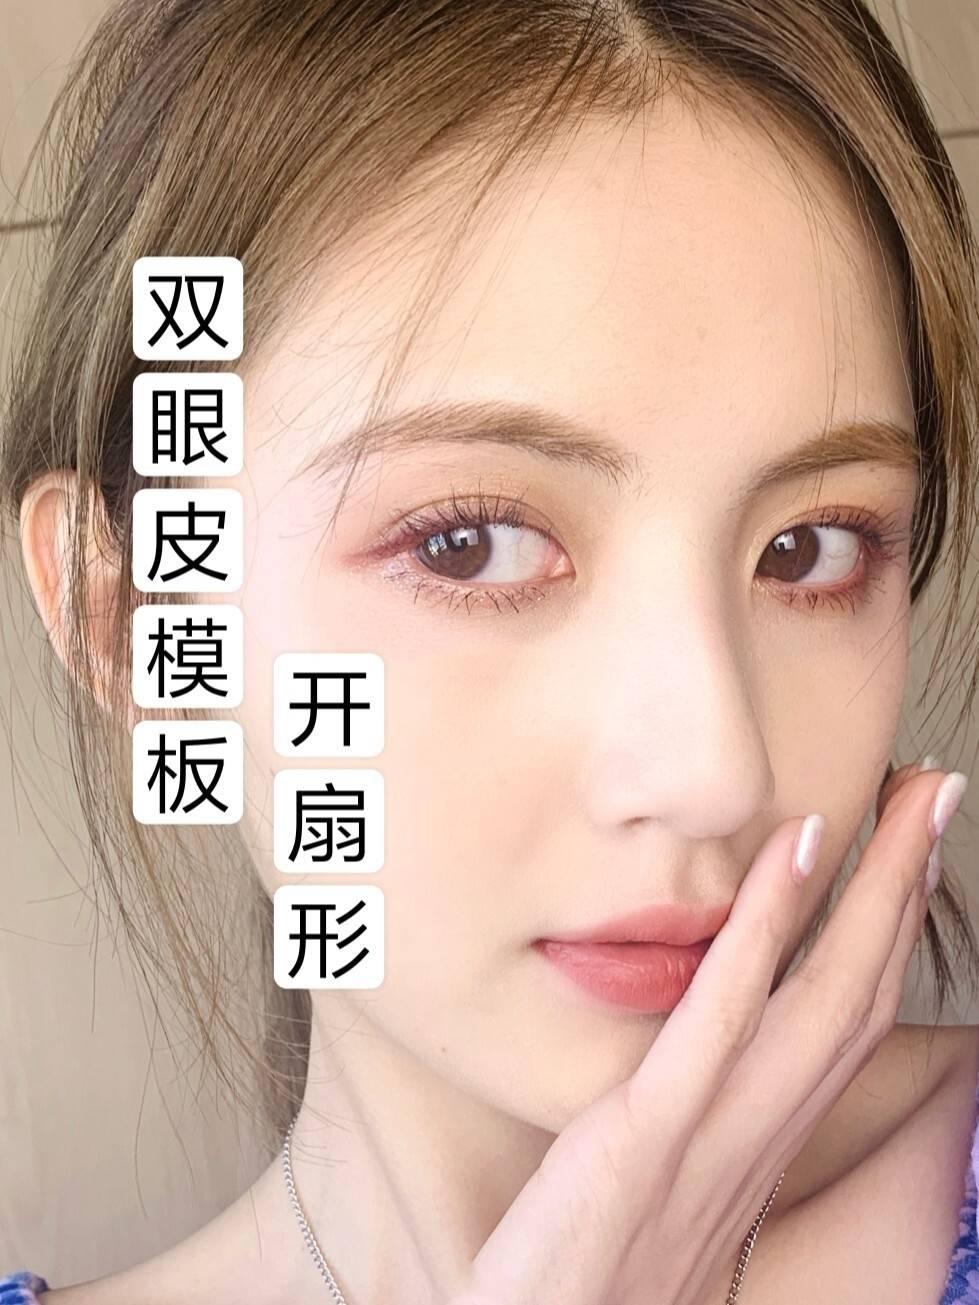 原创             跟王思聪分手的网红甜仇,这刘亦菲同款双眼皮也太美了吧?